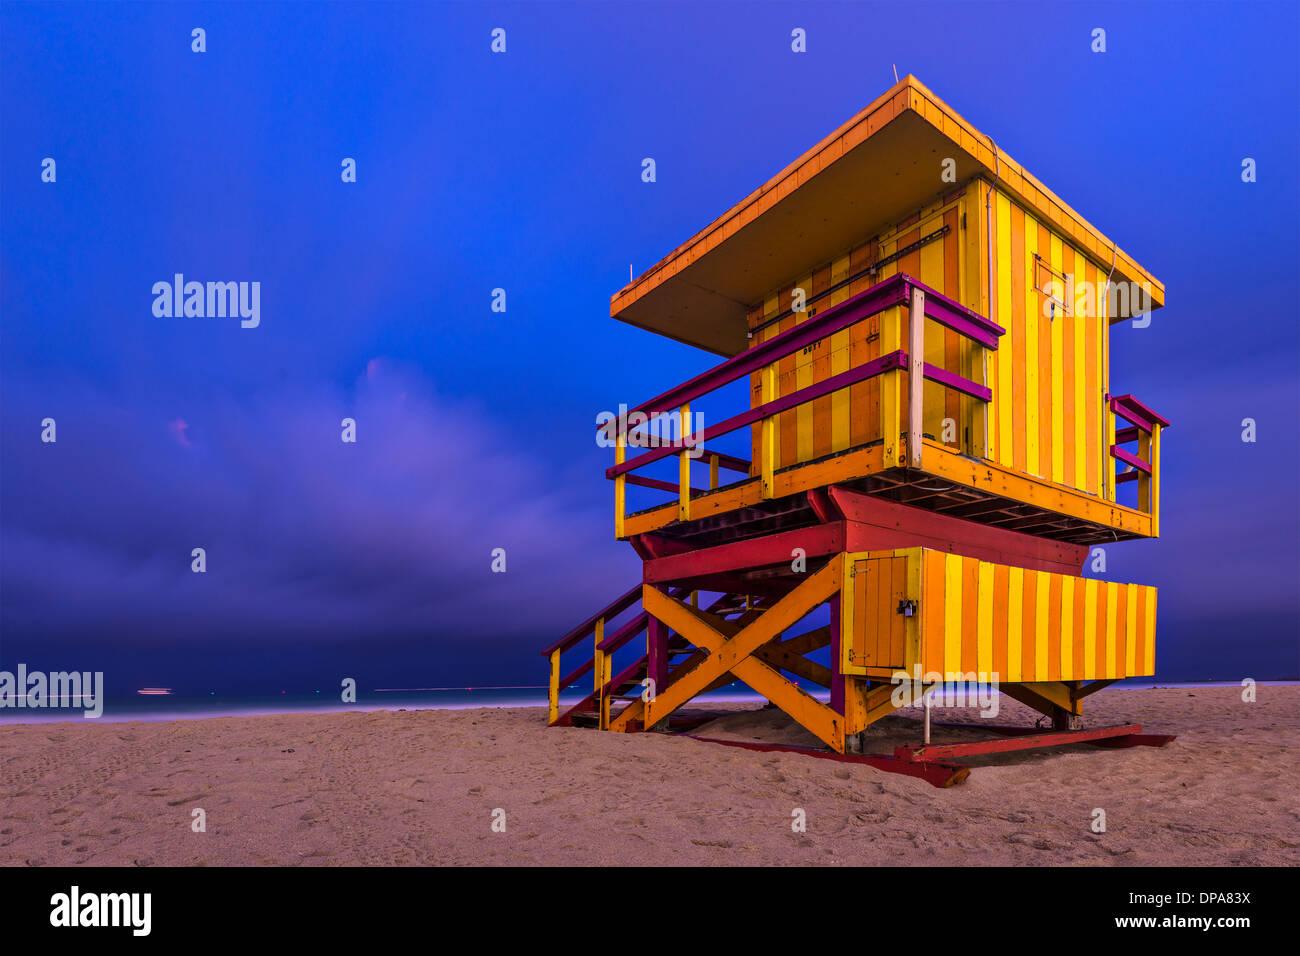 South Beach, Miami, Florida, EE.UU. puesto de socorrista en penumbra. Imagen De Stock